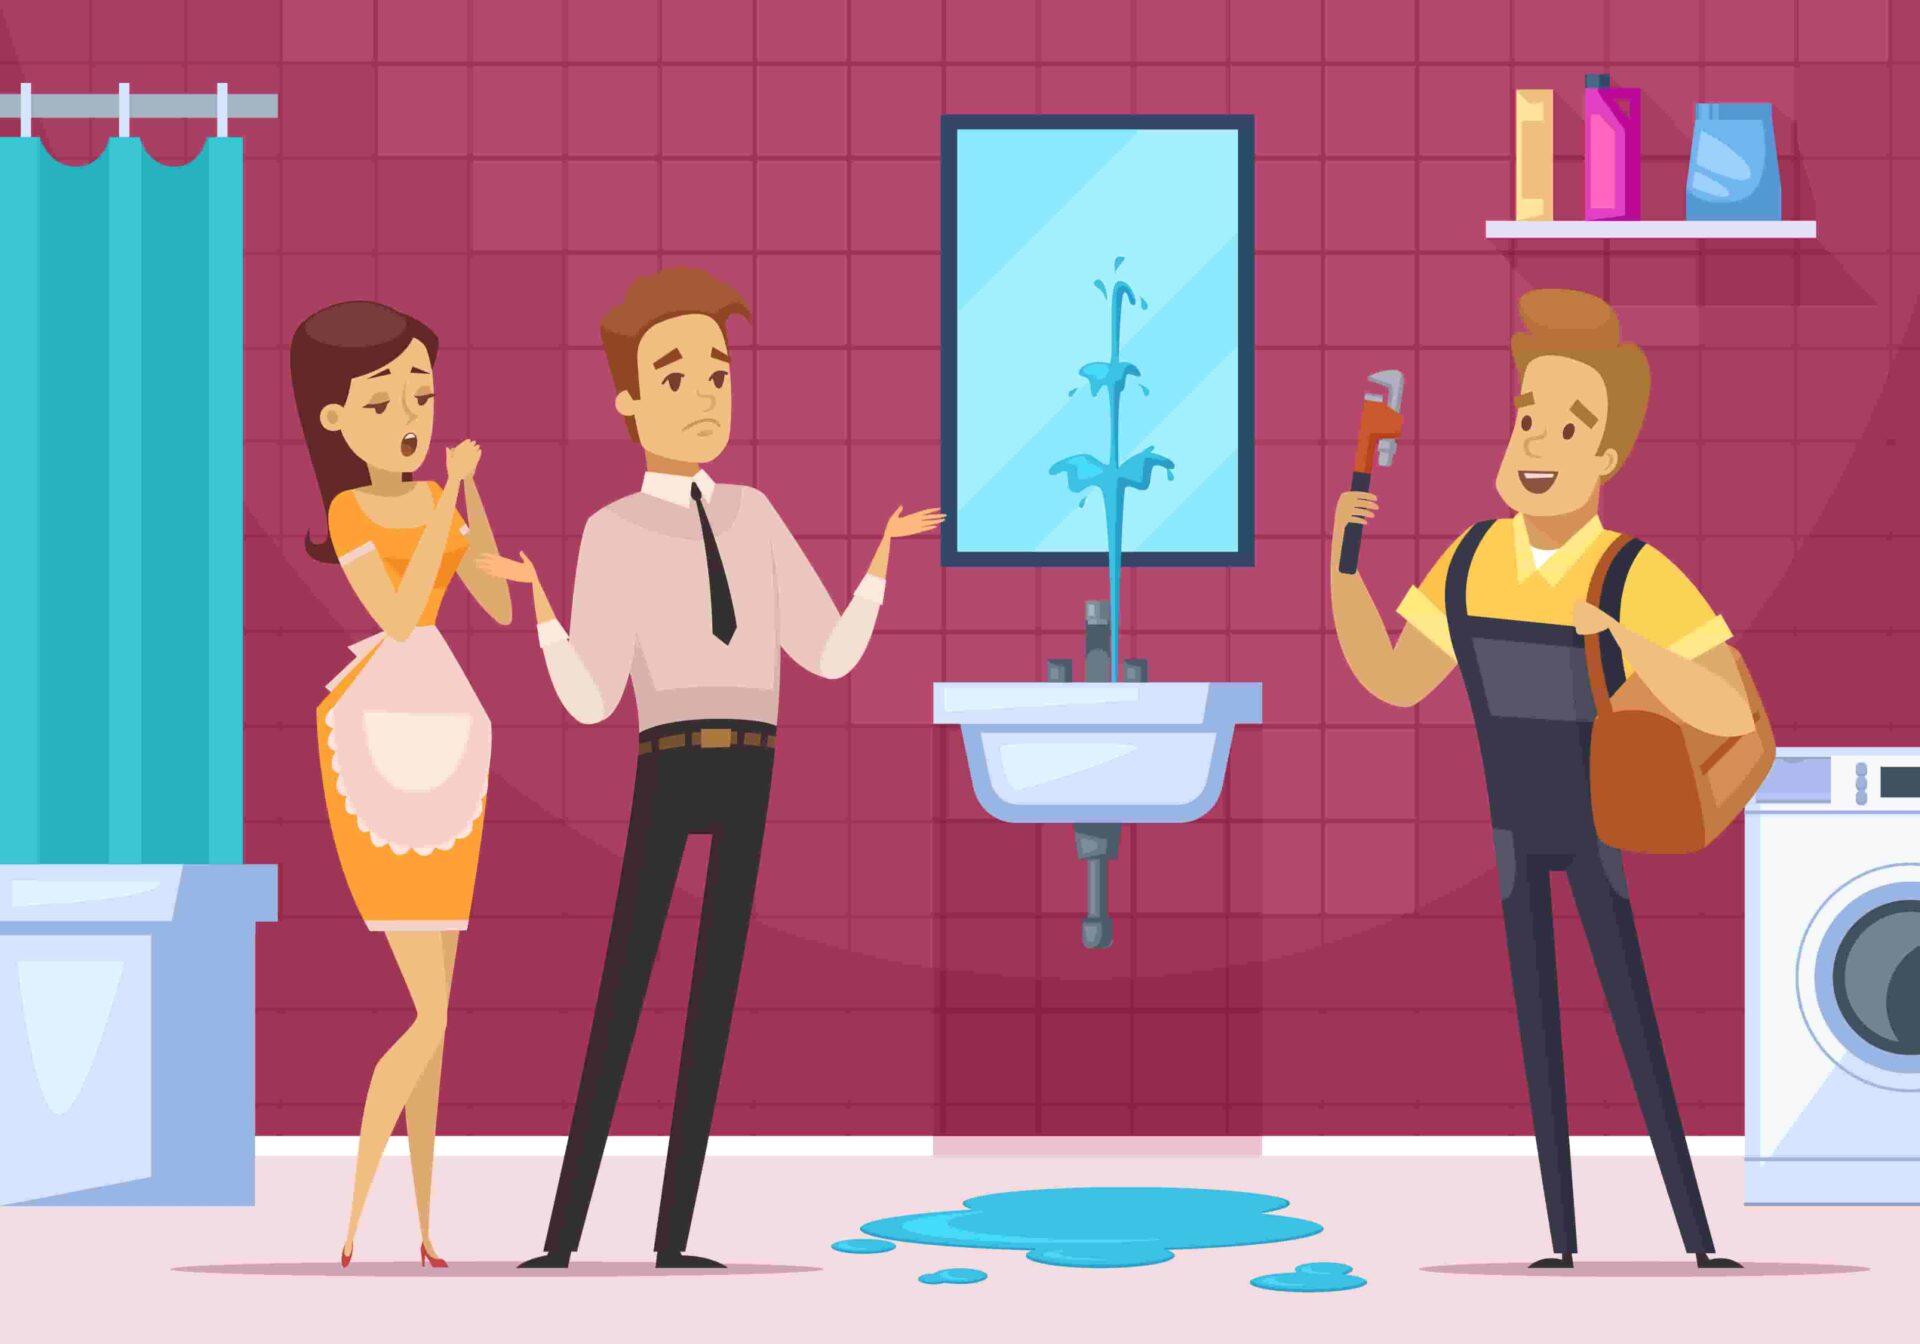 פתיחת סתימה במקלחת